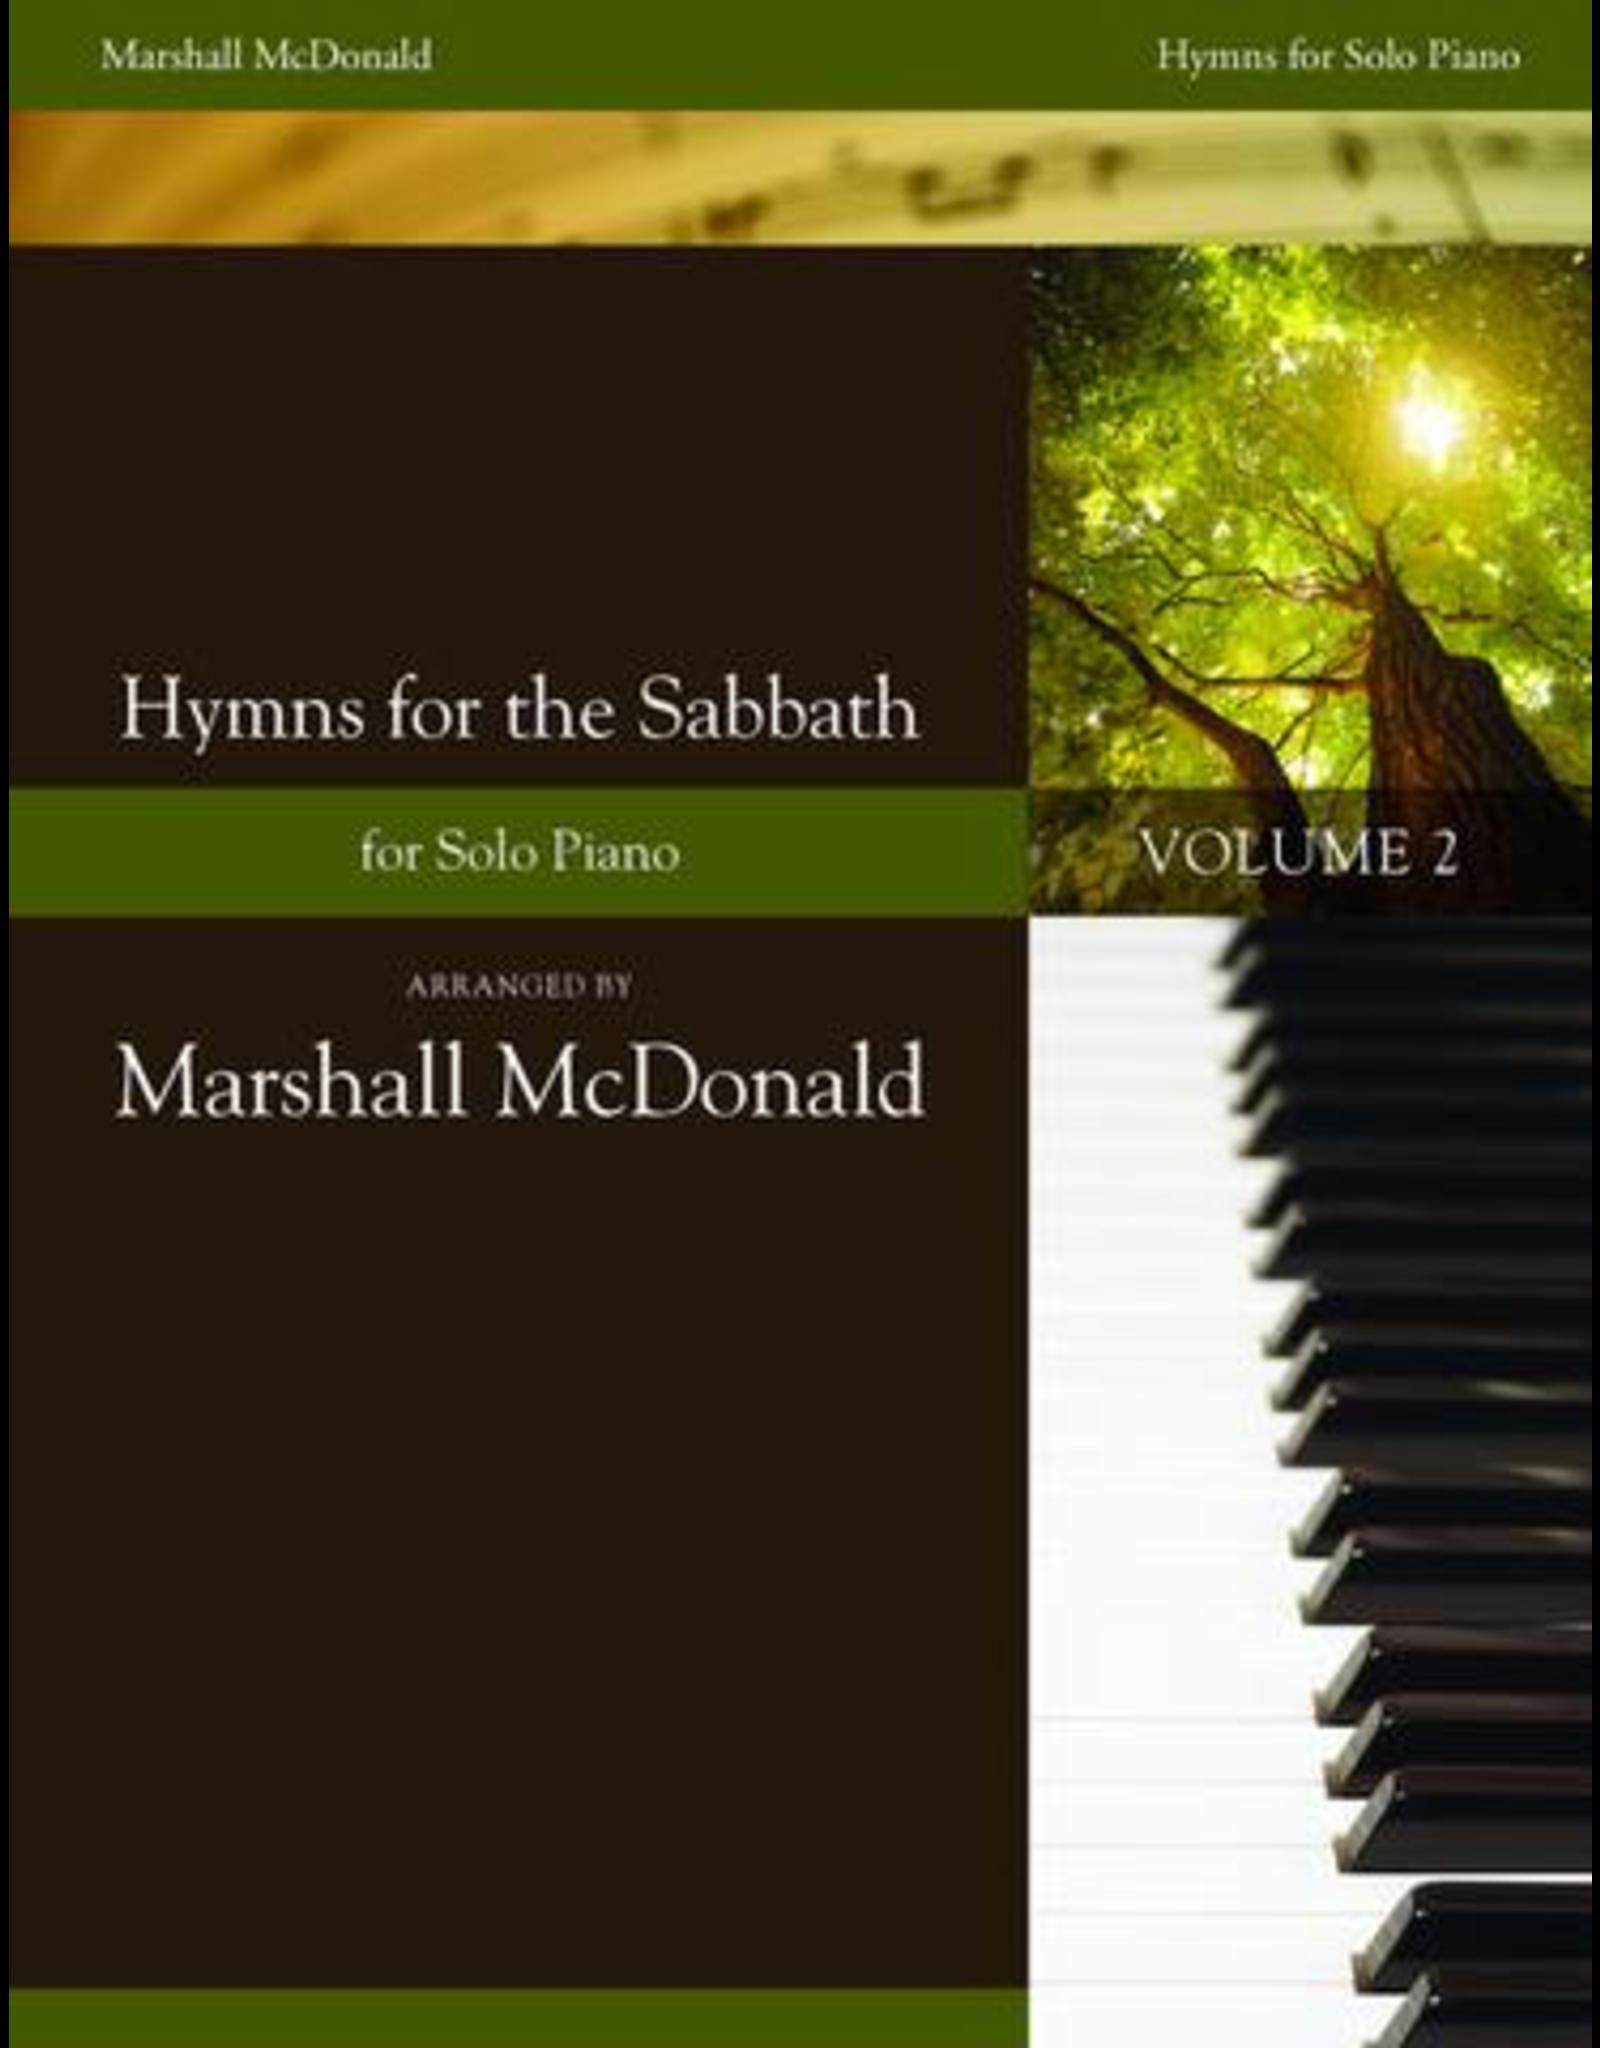 Marshall McDonald Music Hymns for the Sabbath, Volume 2 by Marshall McDonald